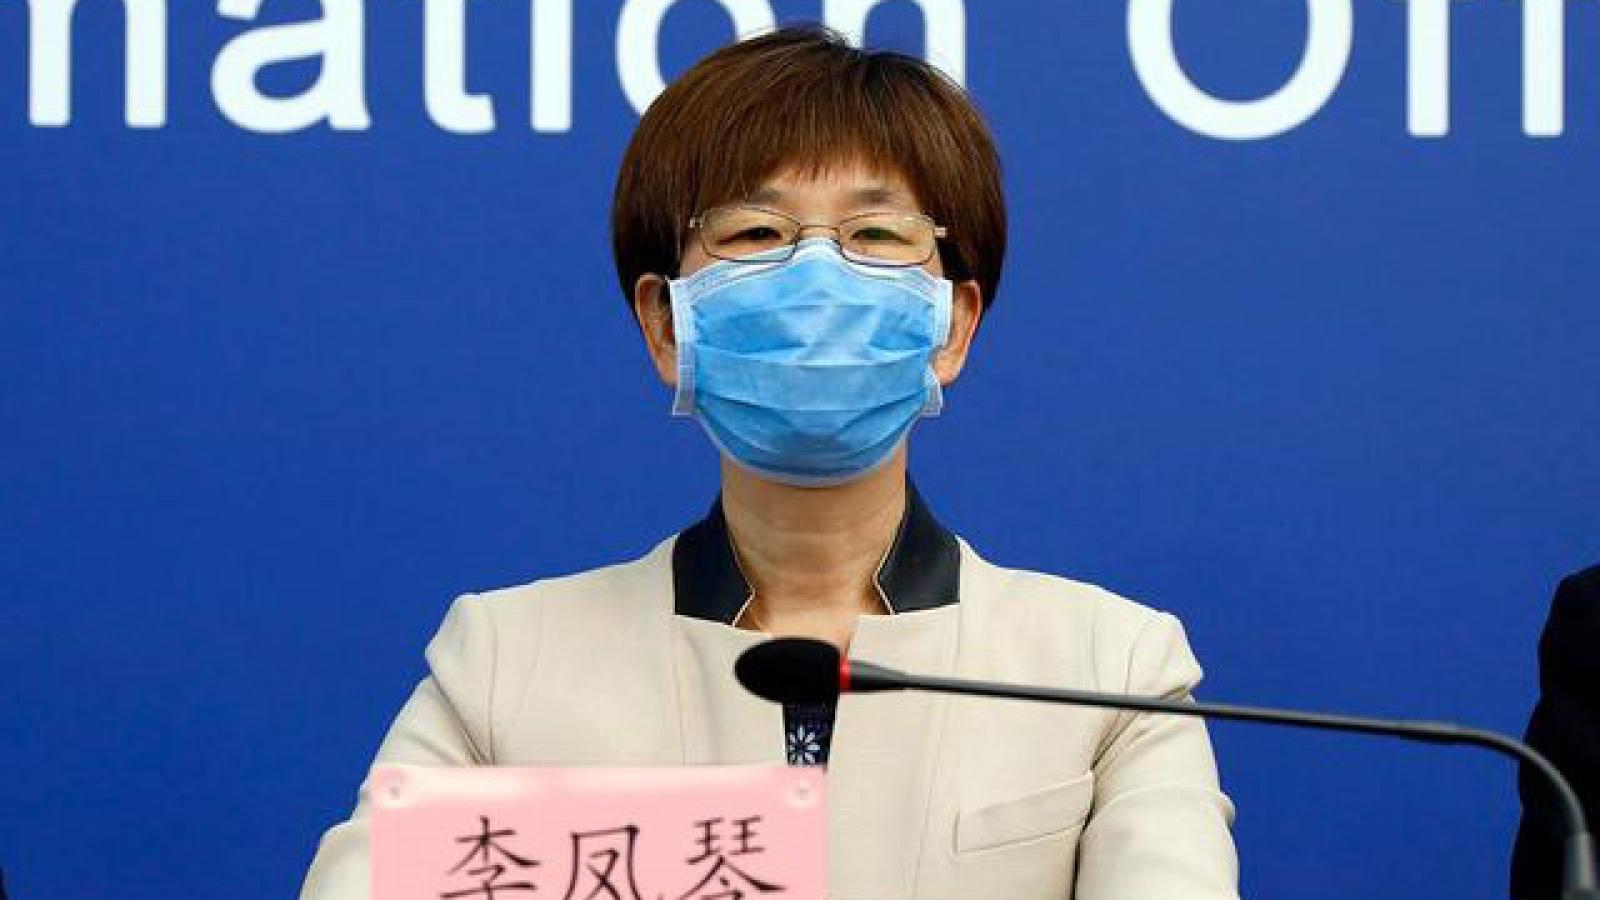 Bắc Kinh (Trung Quốc) xét nghiệm Covid-19 cho gần 2,3 triệu người